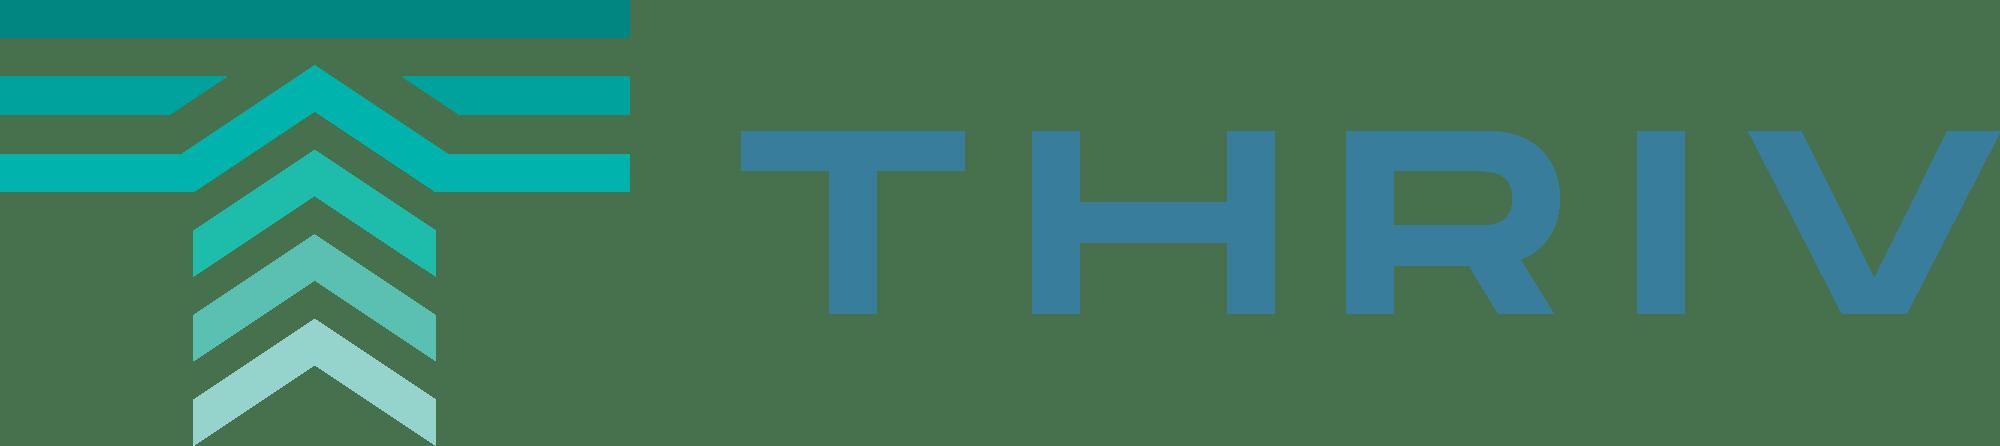 Tax Opportunities, LLC Logo